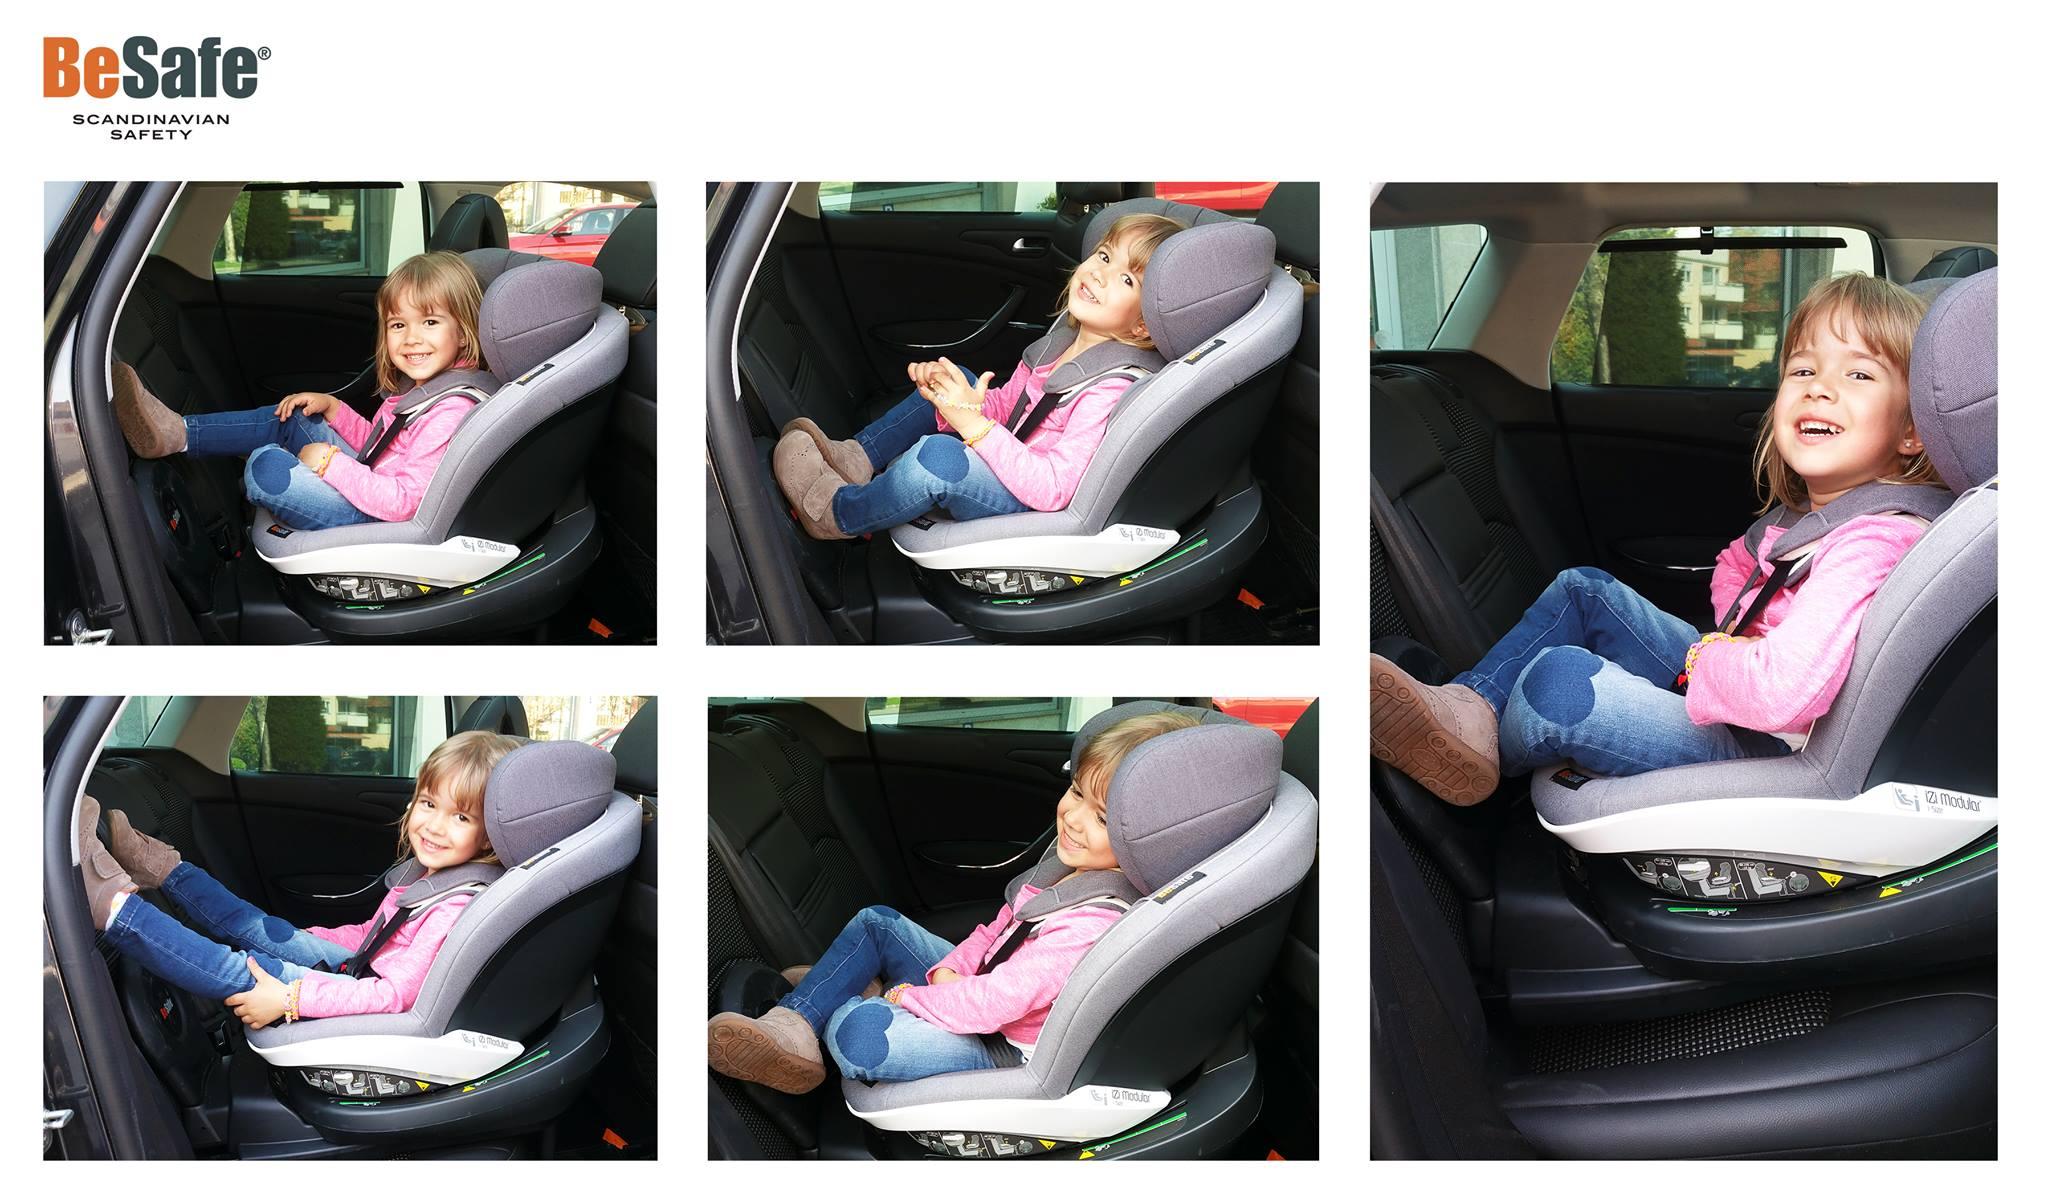 Misforståelser om bagudvendte autostole